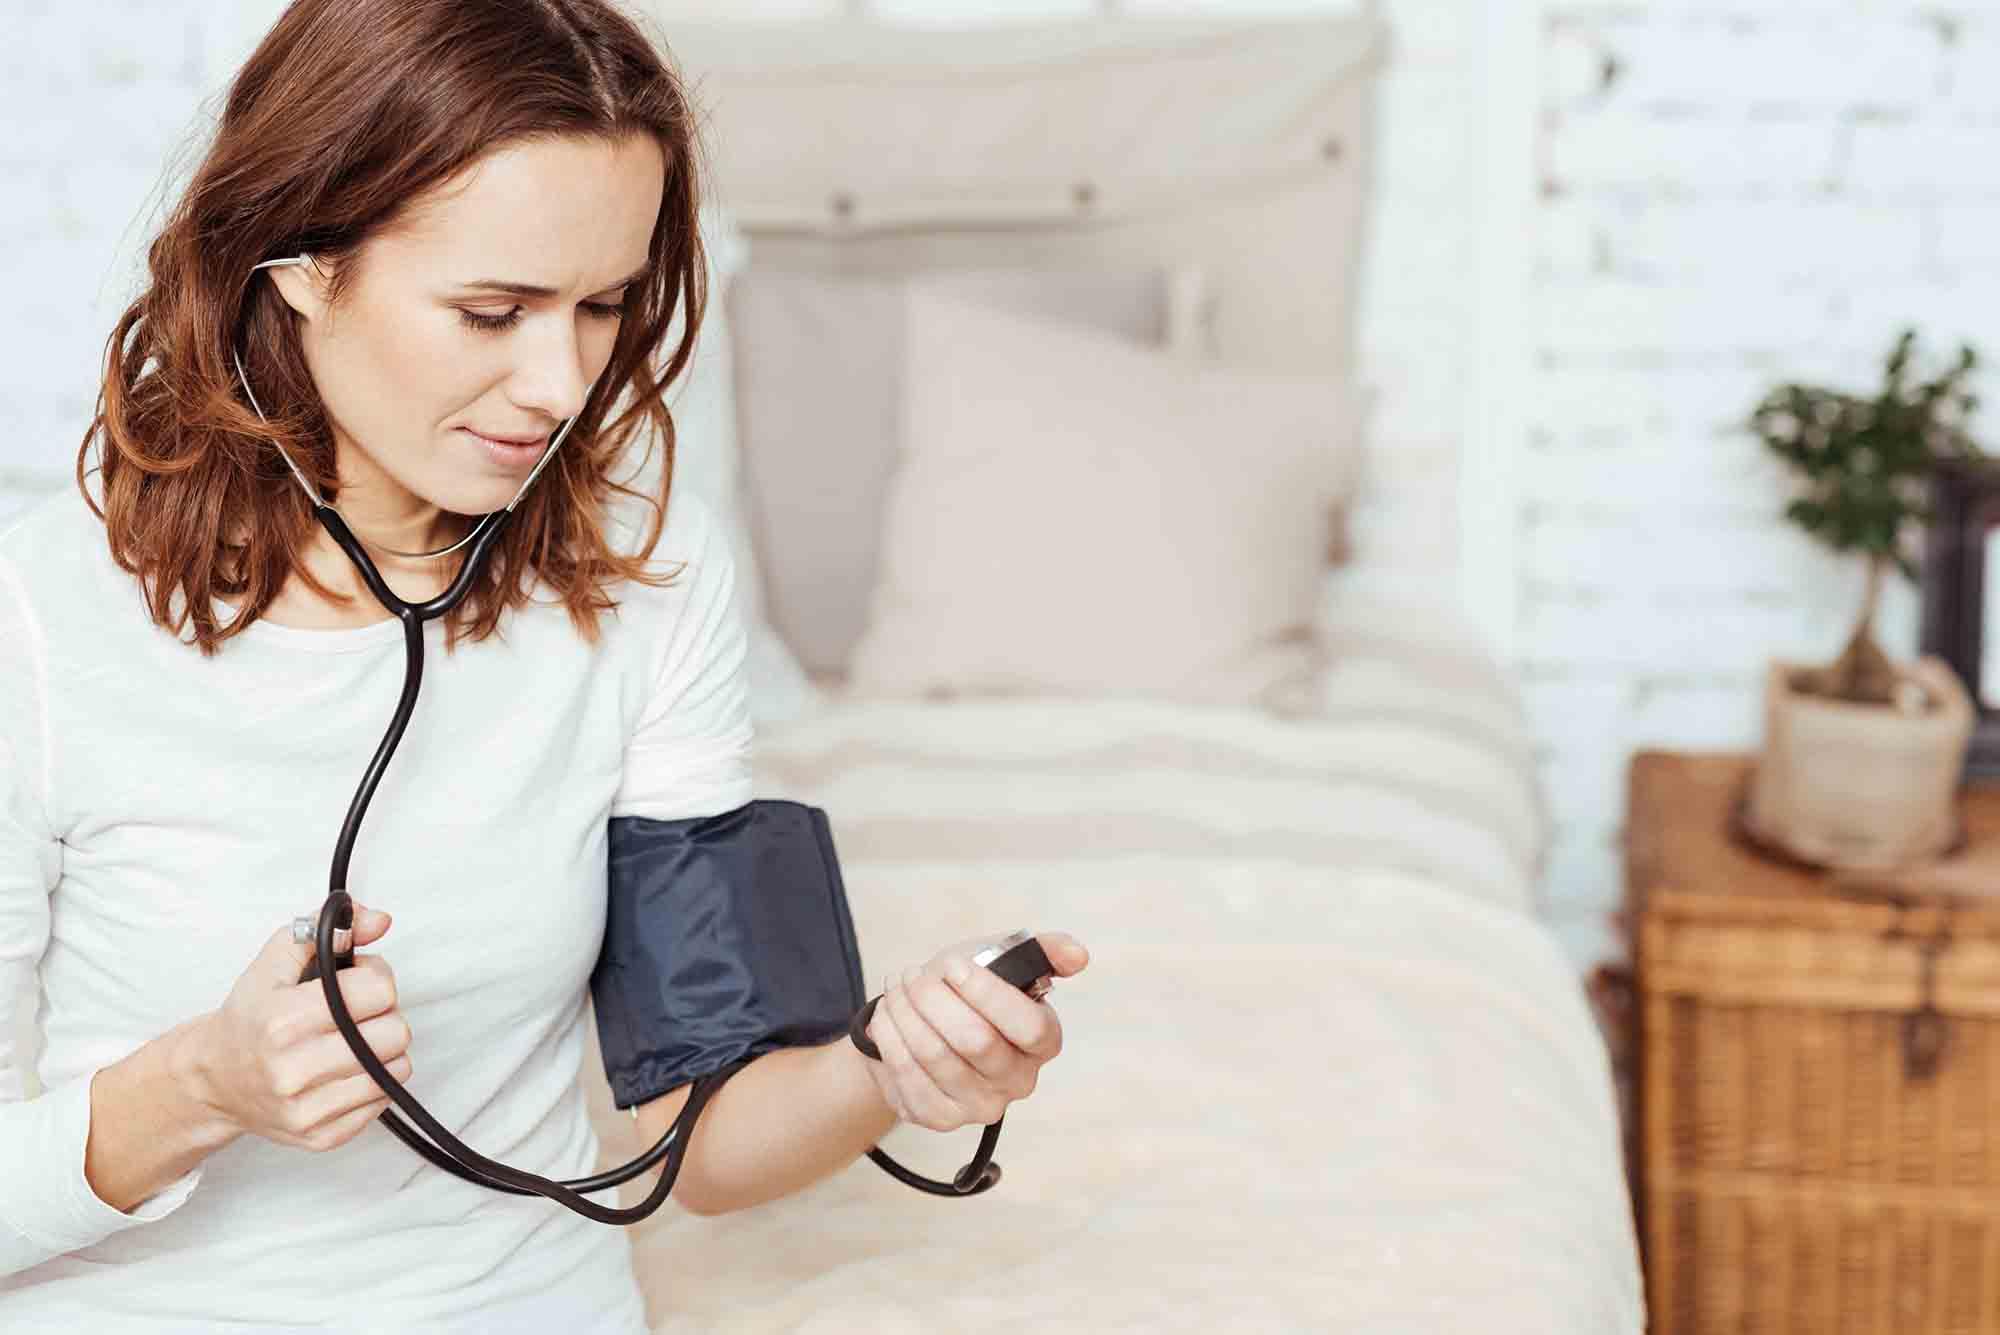 tipos aparelho pressao arterial quando uso recomendado